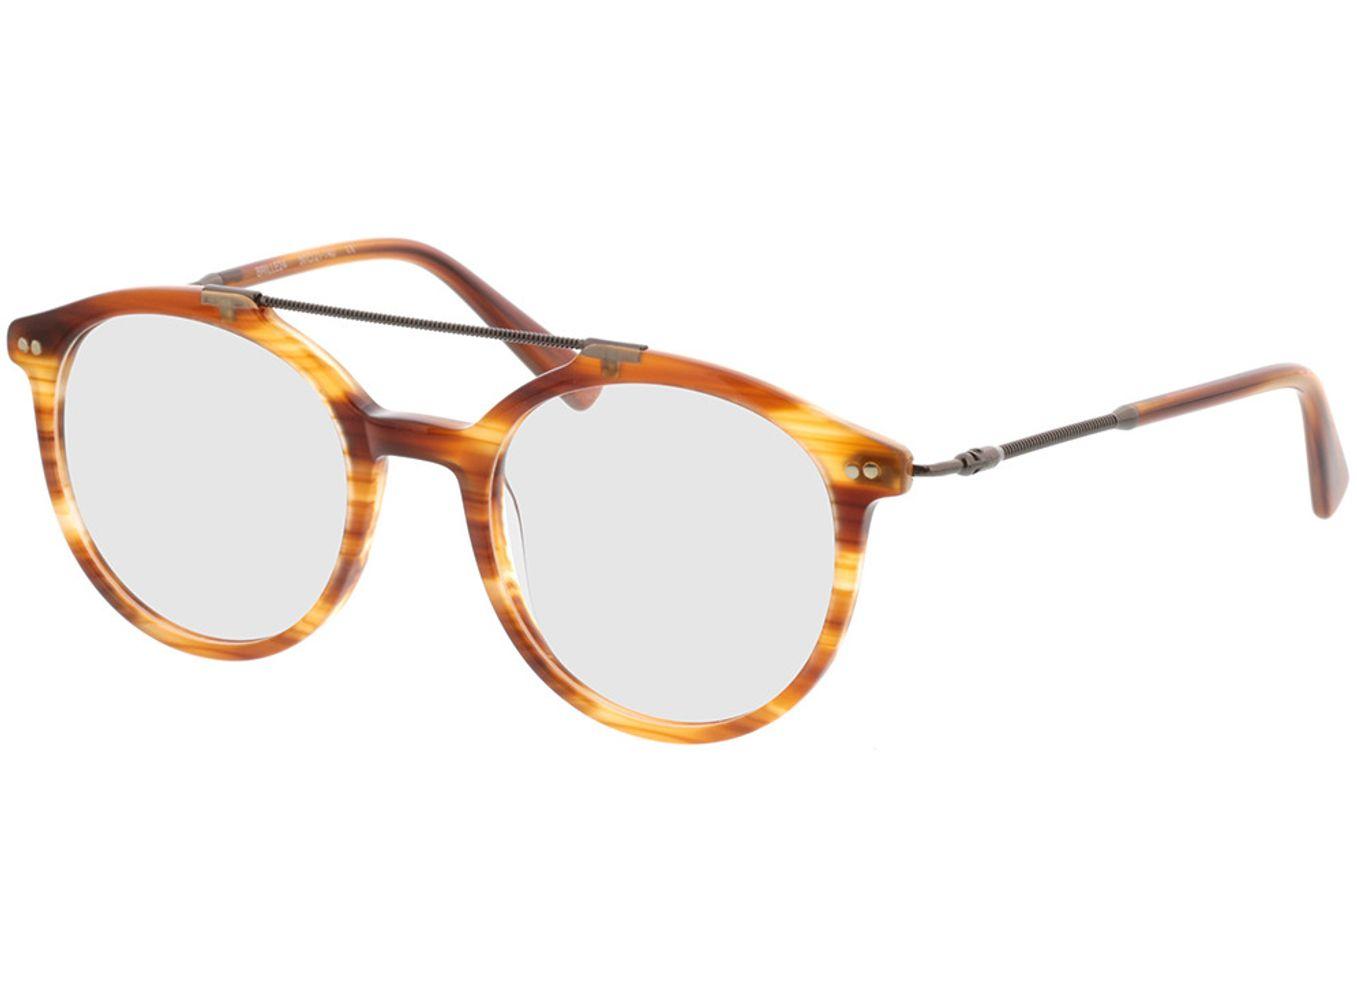 4110-singlevision-0000 Formia-braun-meliert Gleitsichtbrille, Vollrand, Rund Brille24 Collection